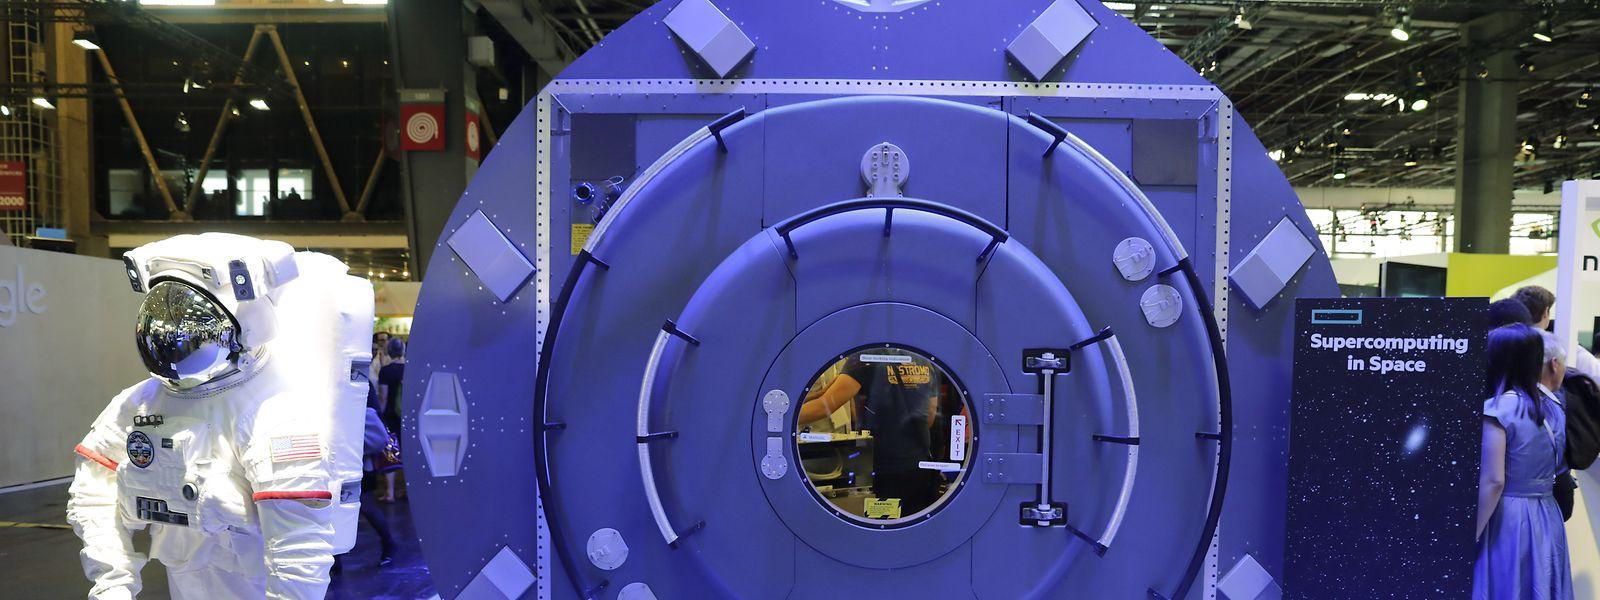 Le salon VivaTechnology attend la présence de 10.000 visiteurs cette année.